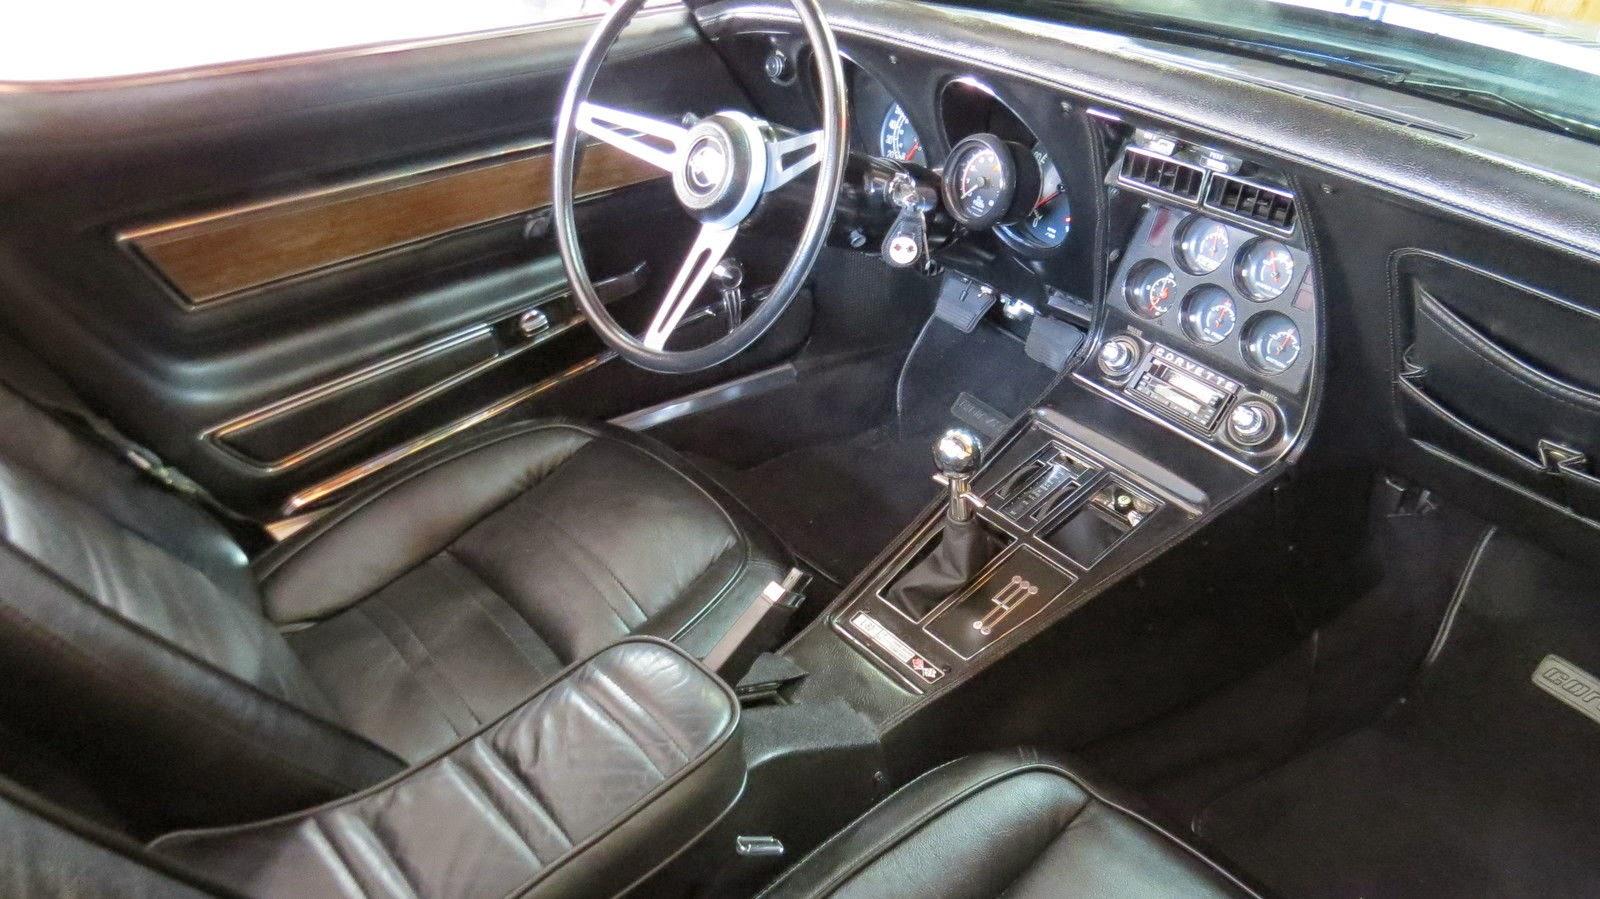 1975 Chevrolet Corvette Stingray 4 Speed Manual For Sale